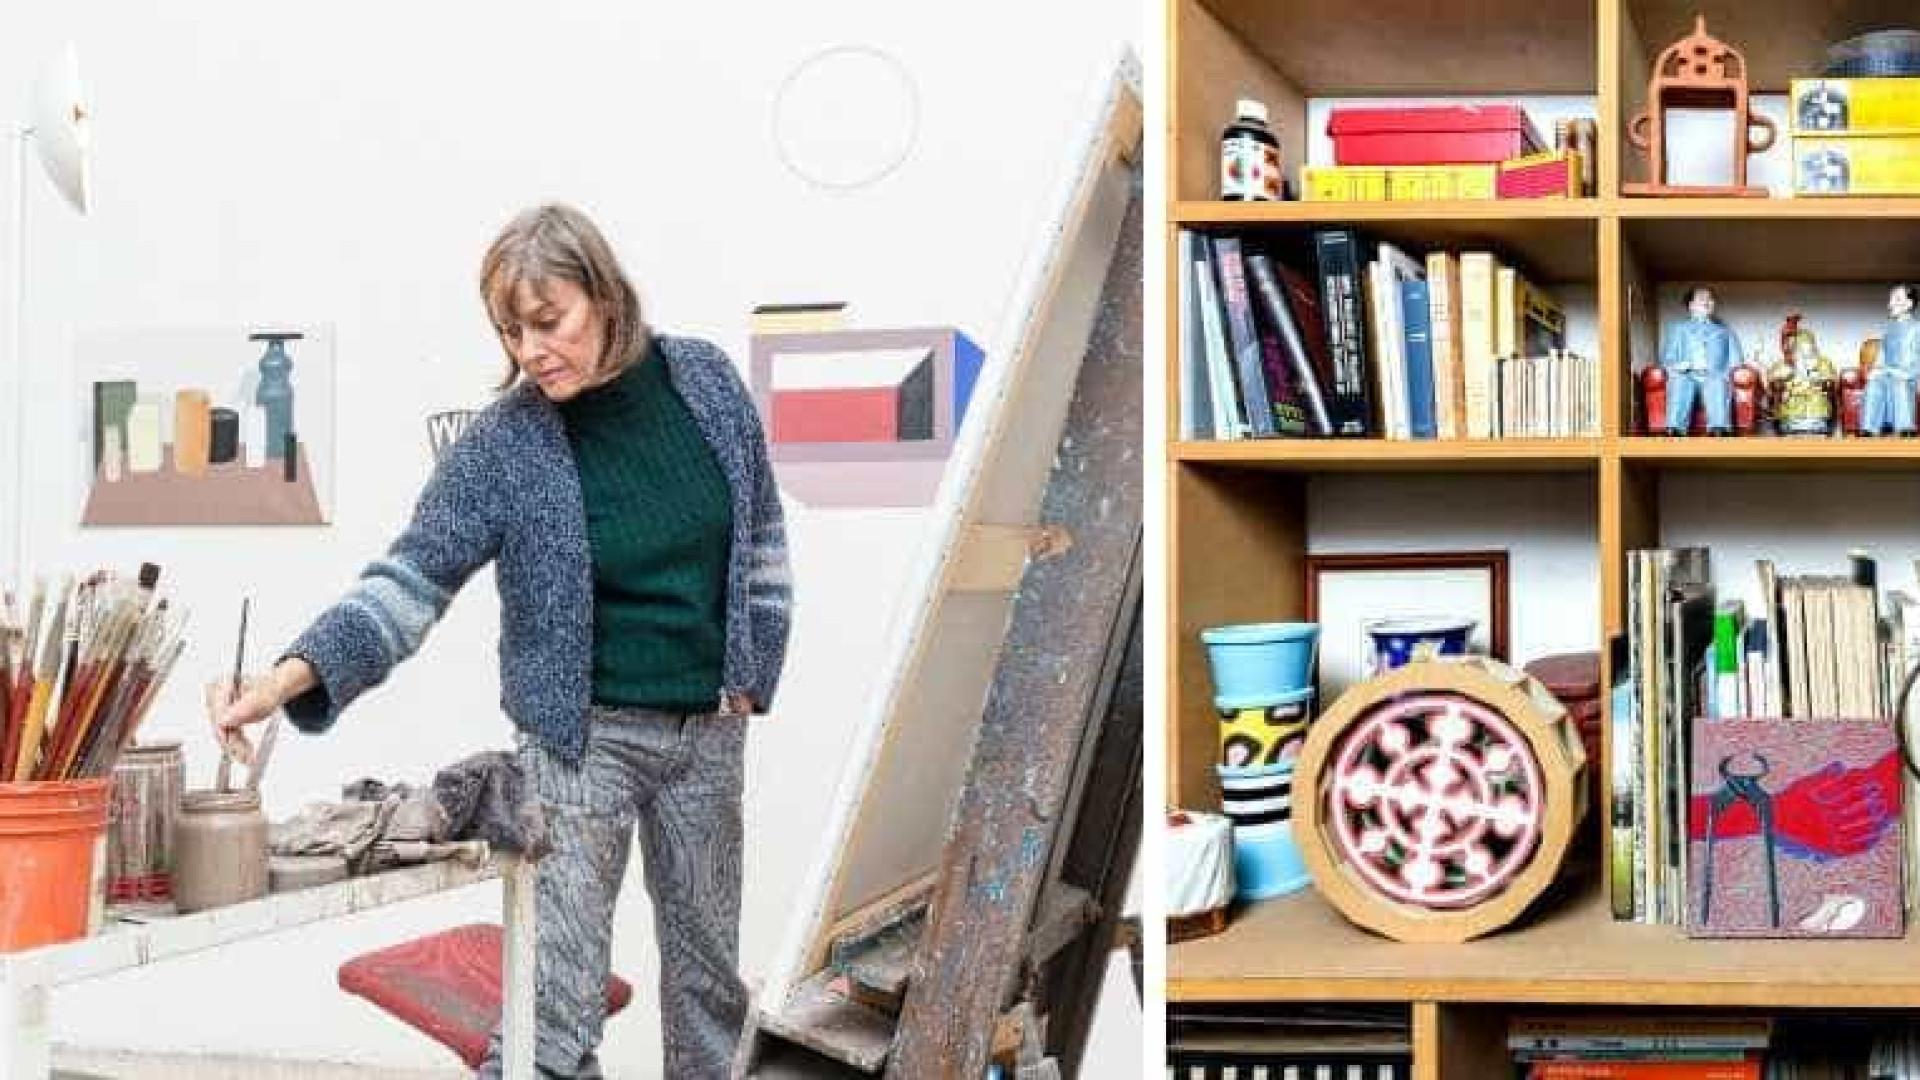 Artista Nathalie Du Pasquier expõe pela primeira vez em Portugal